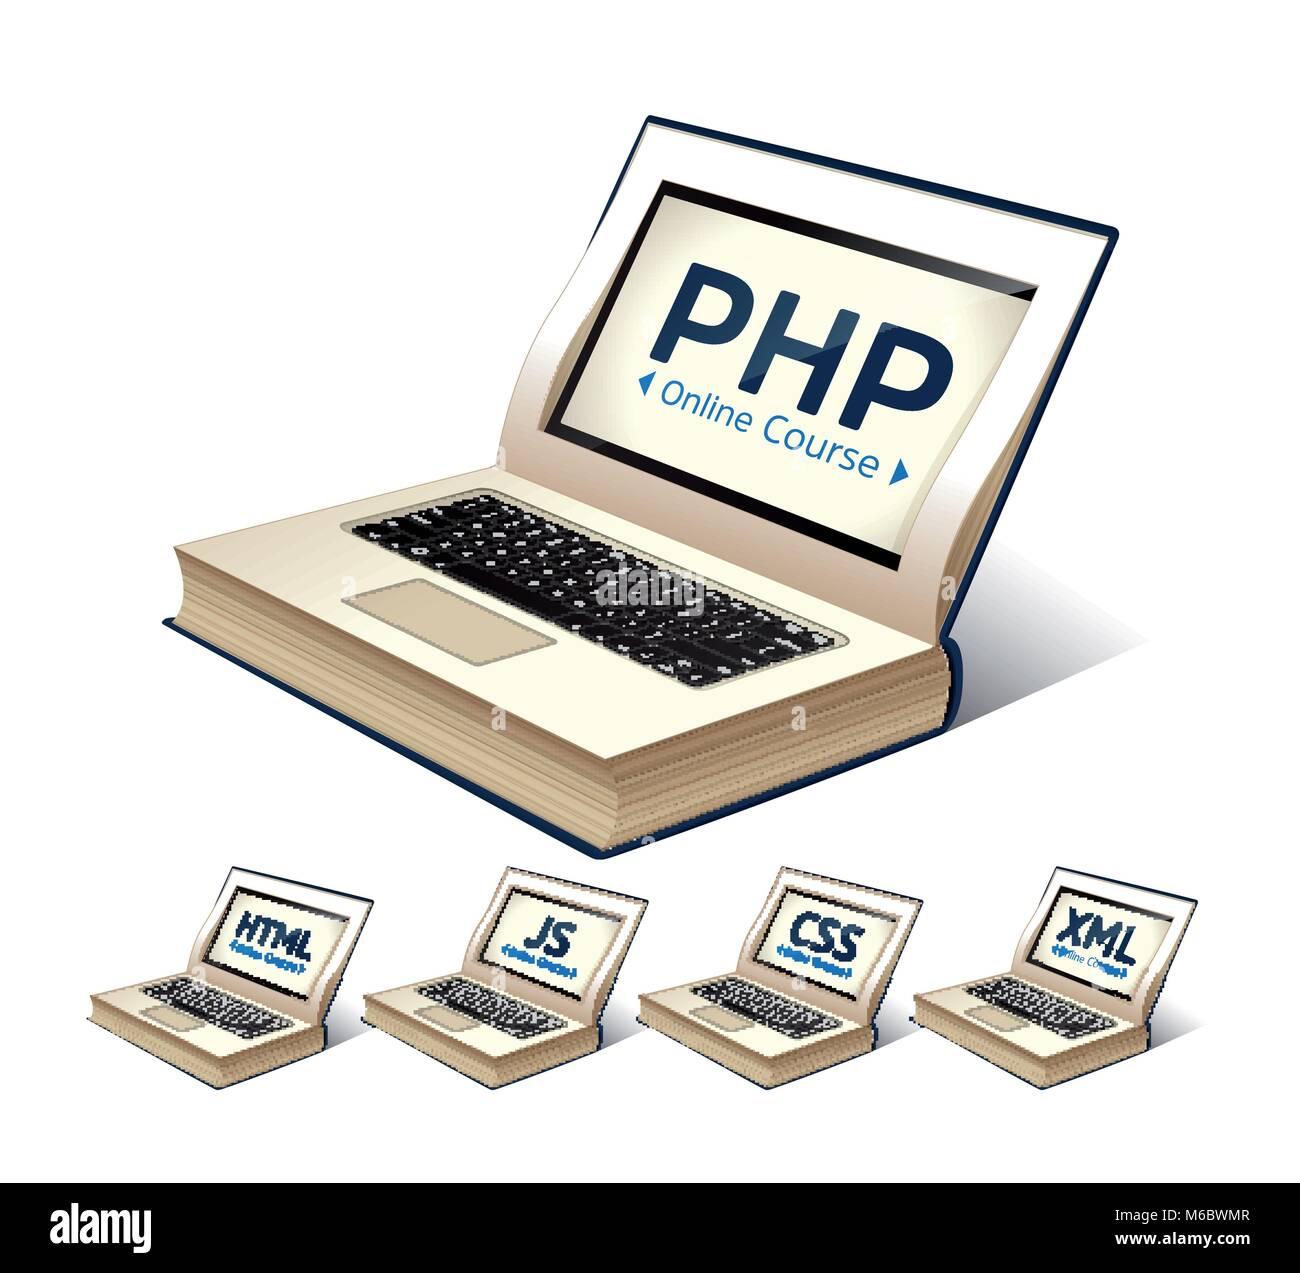 Notion De Langage De Programmation Php Css Xml Html